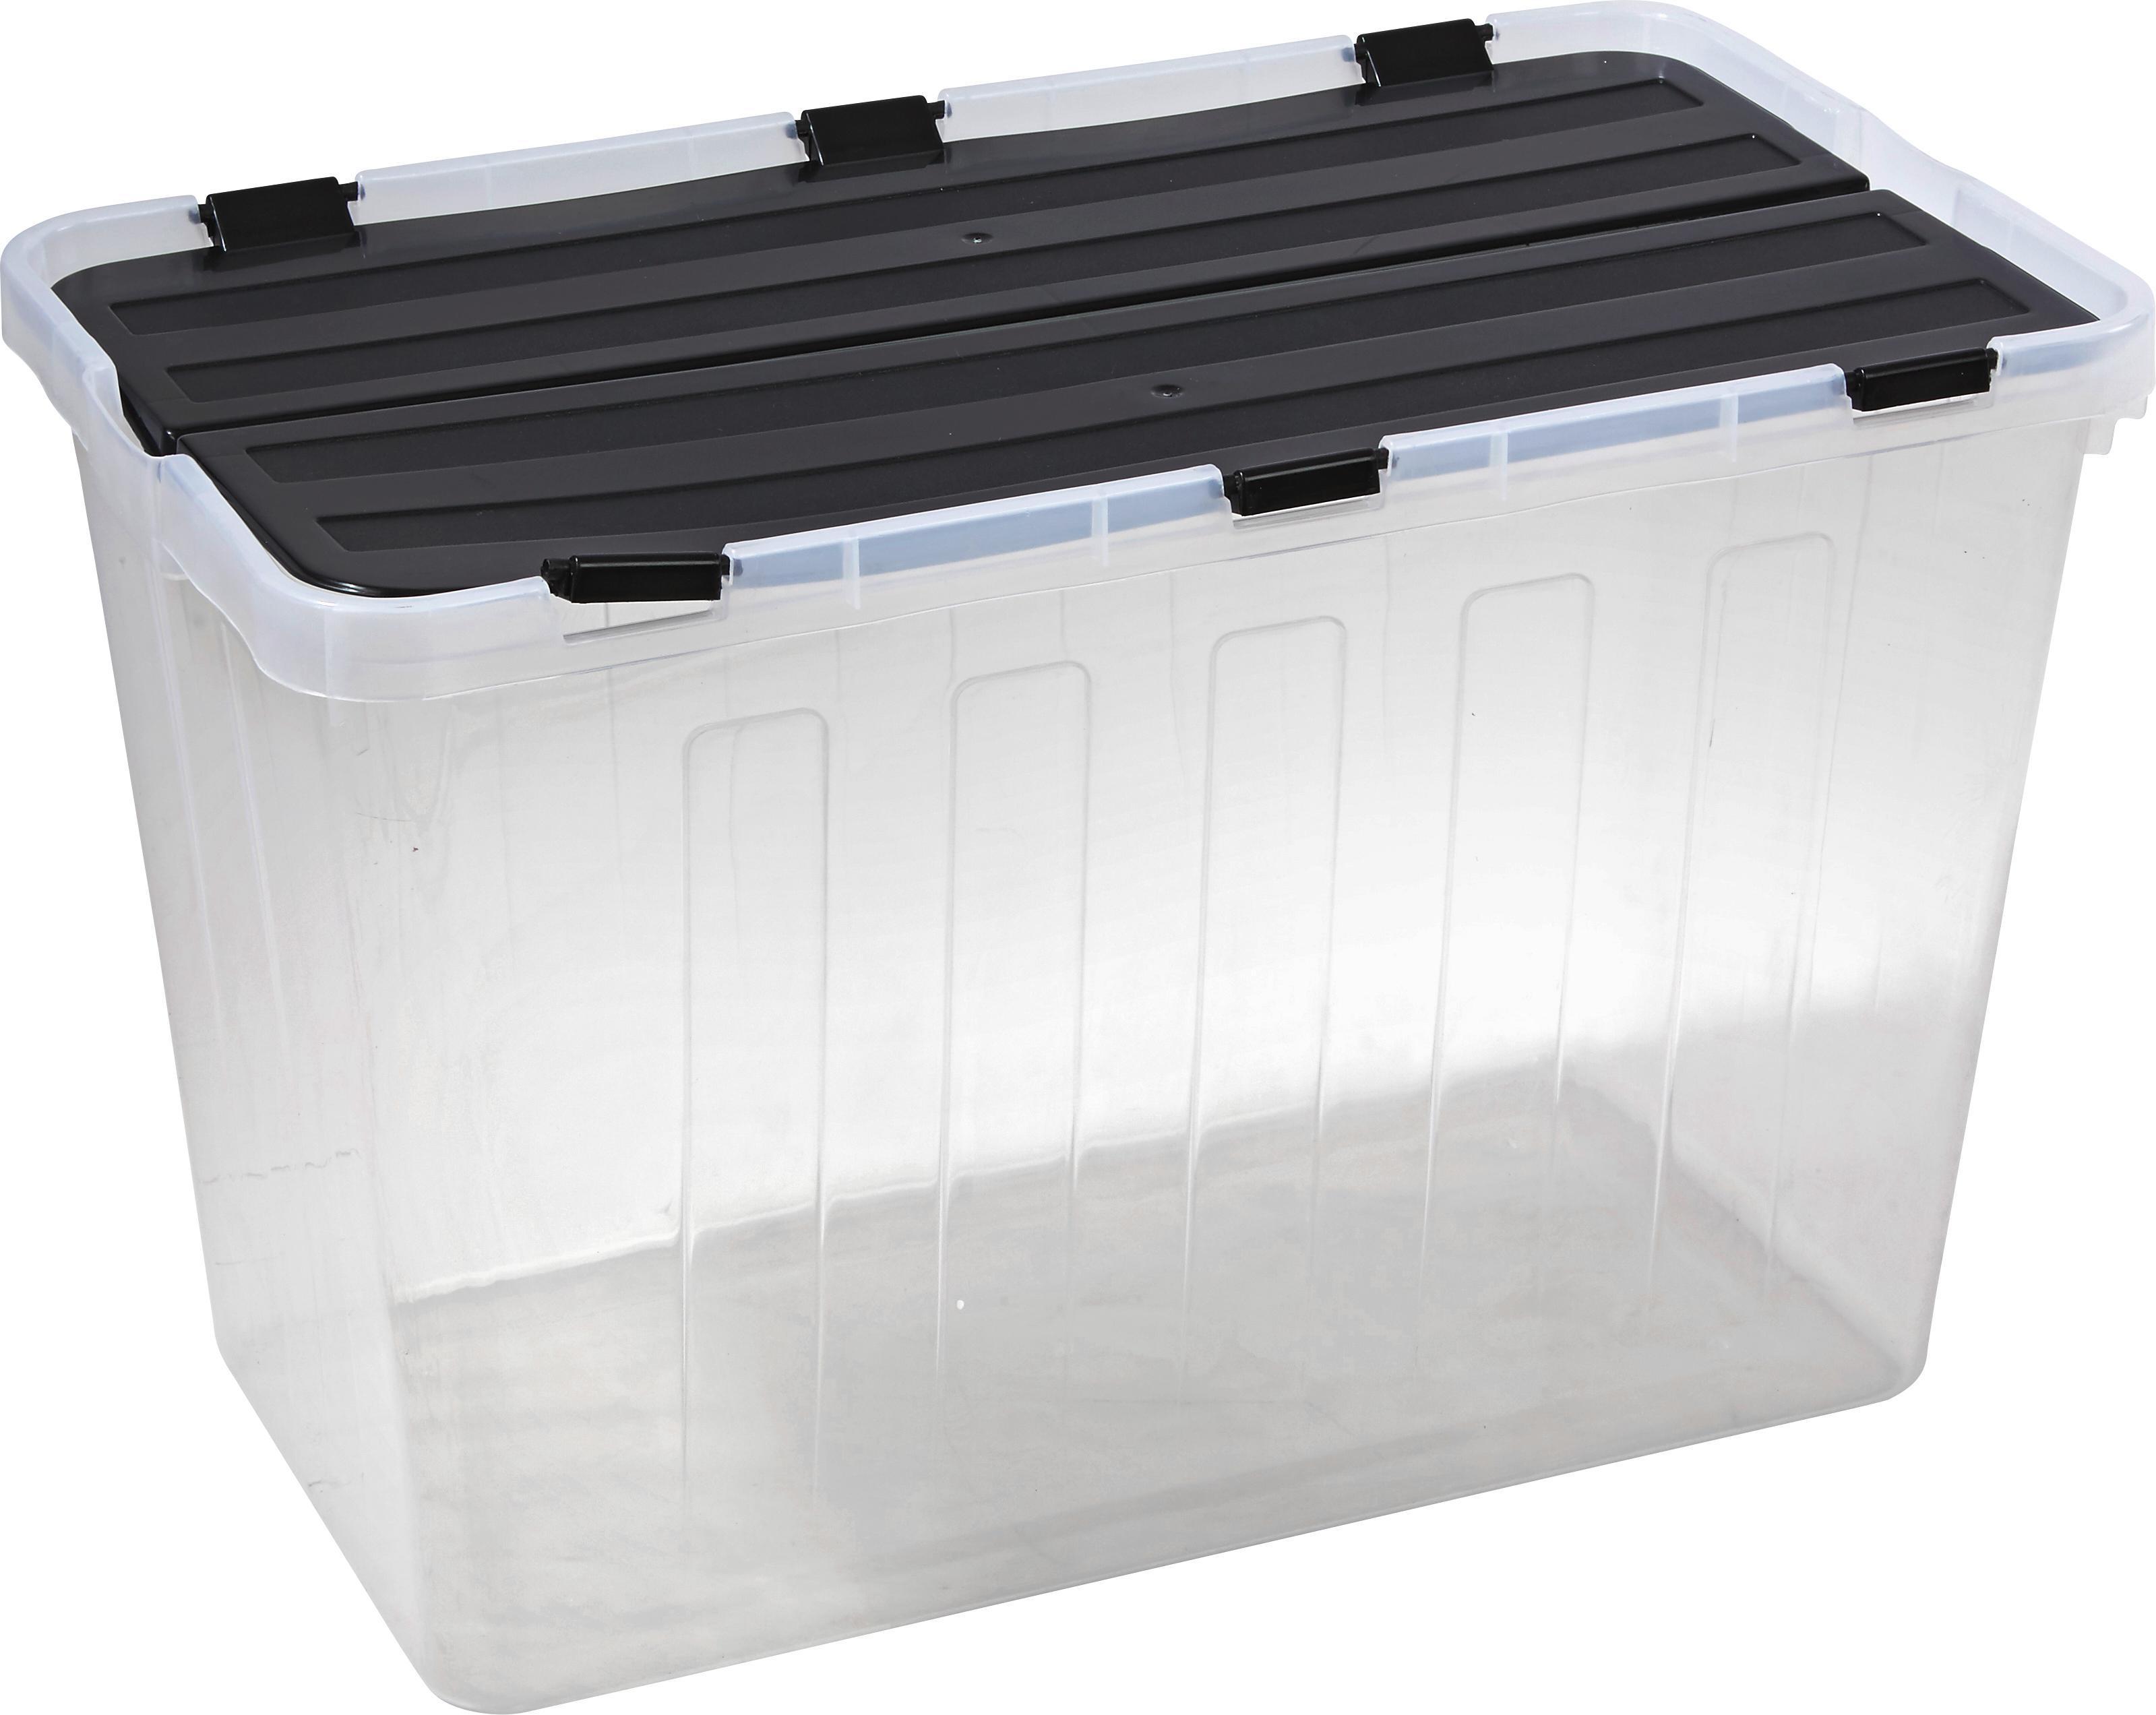 Box Mit Deckel Flipper 60 Liter Online Kaufen Möbelix